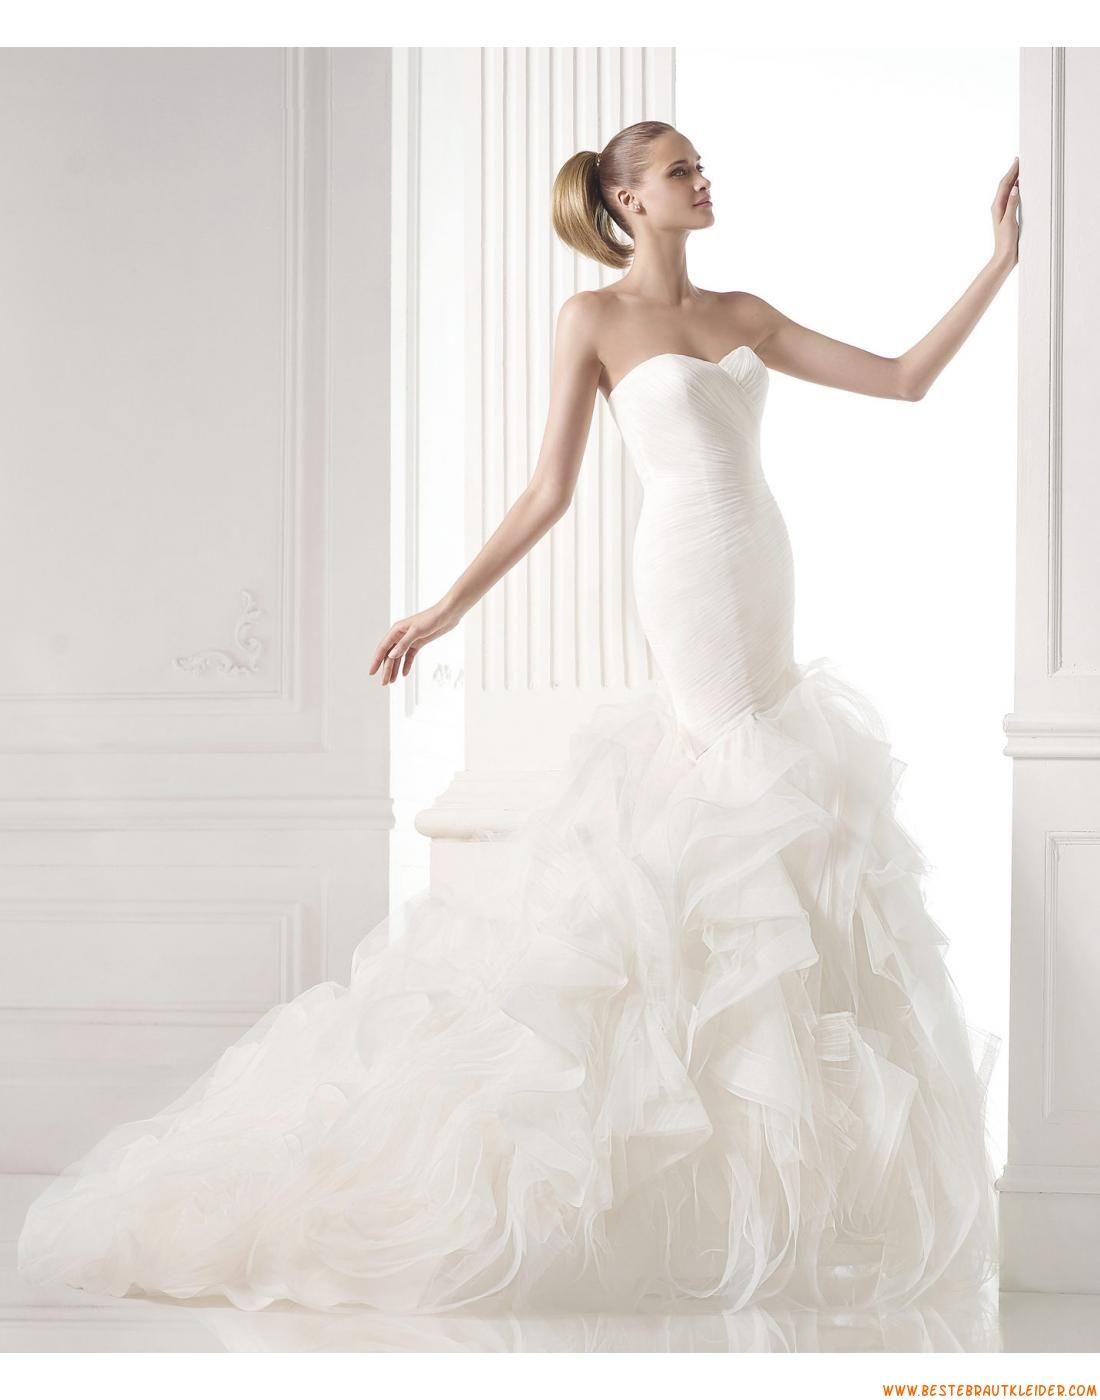 2015 Meerjungfrau Schicke Aktuelle Brautkleider aus Organza mit ...